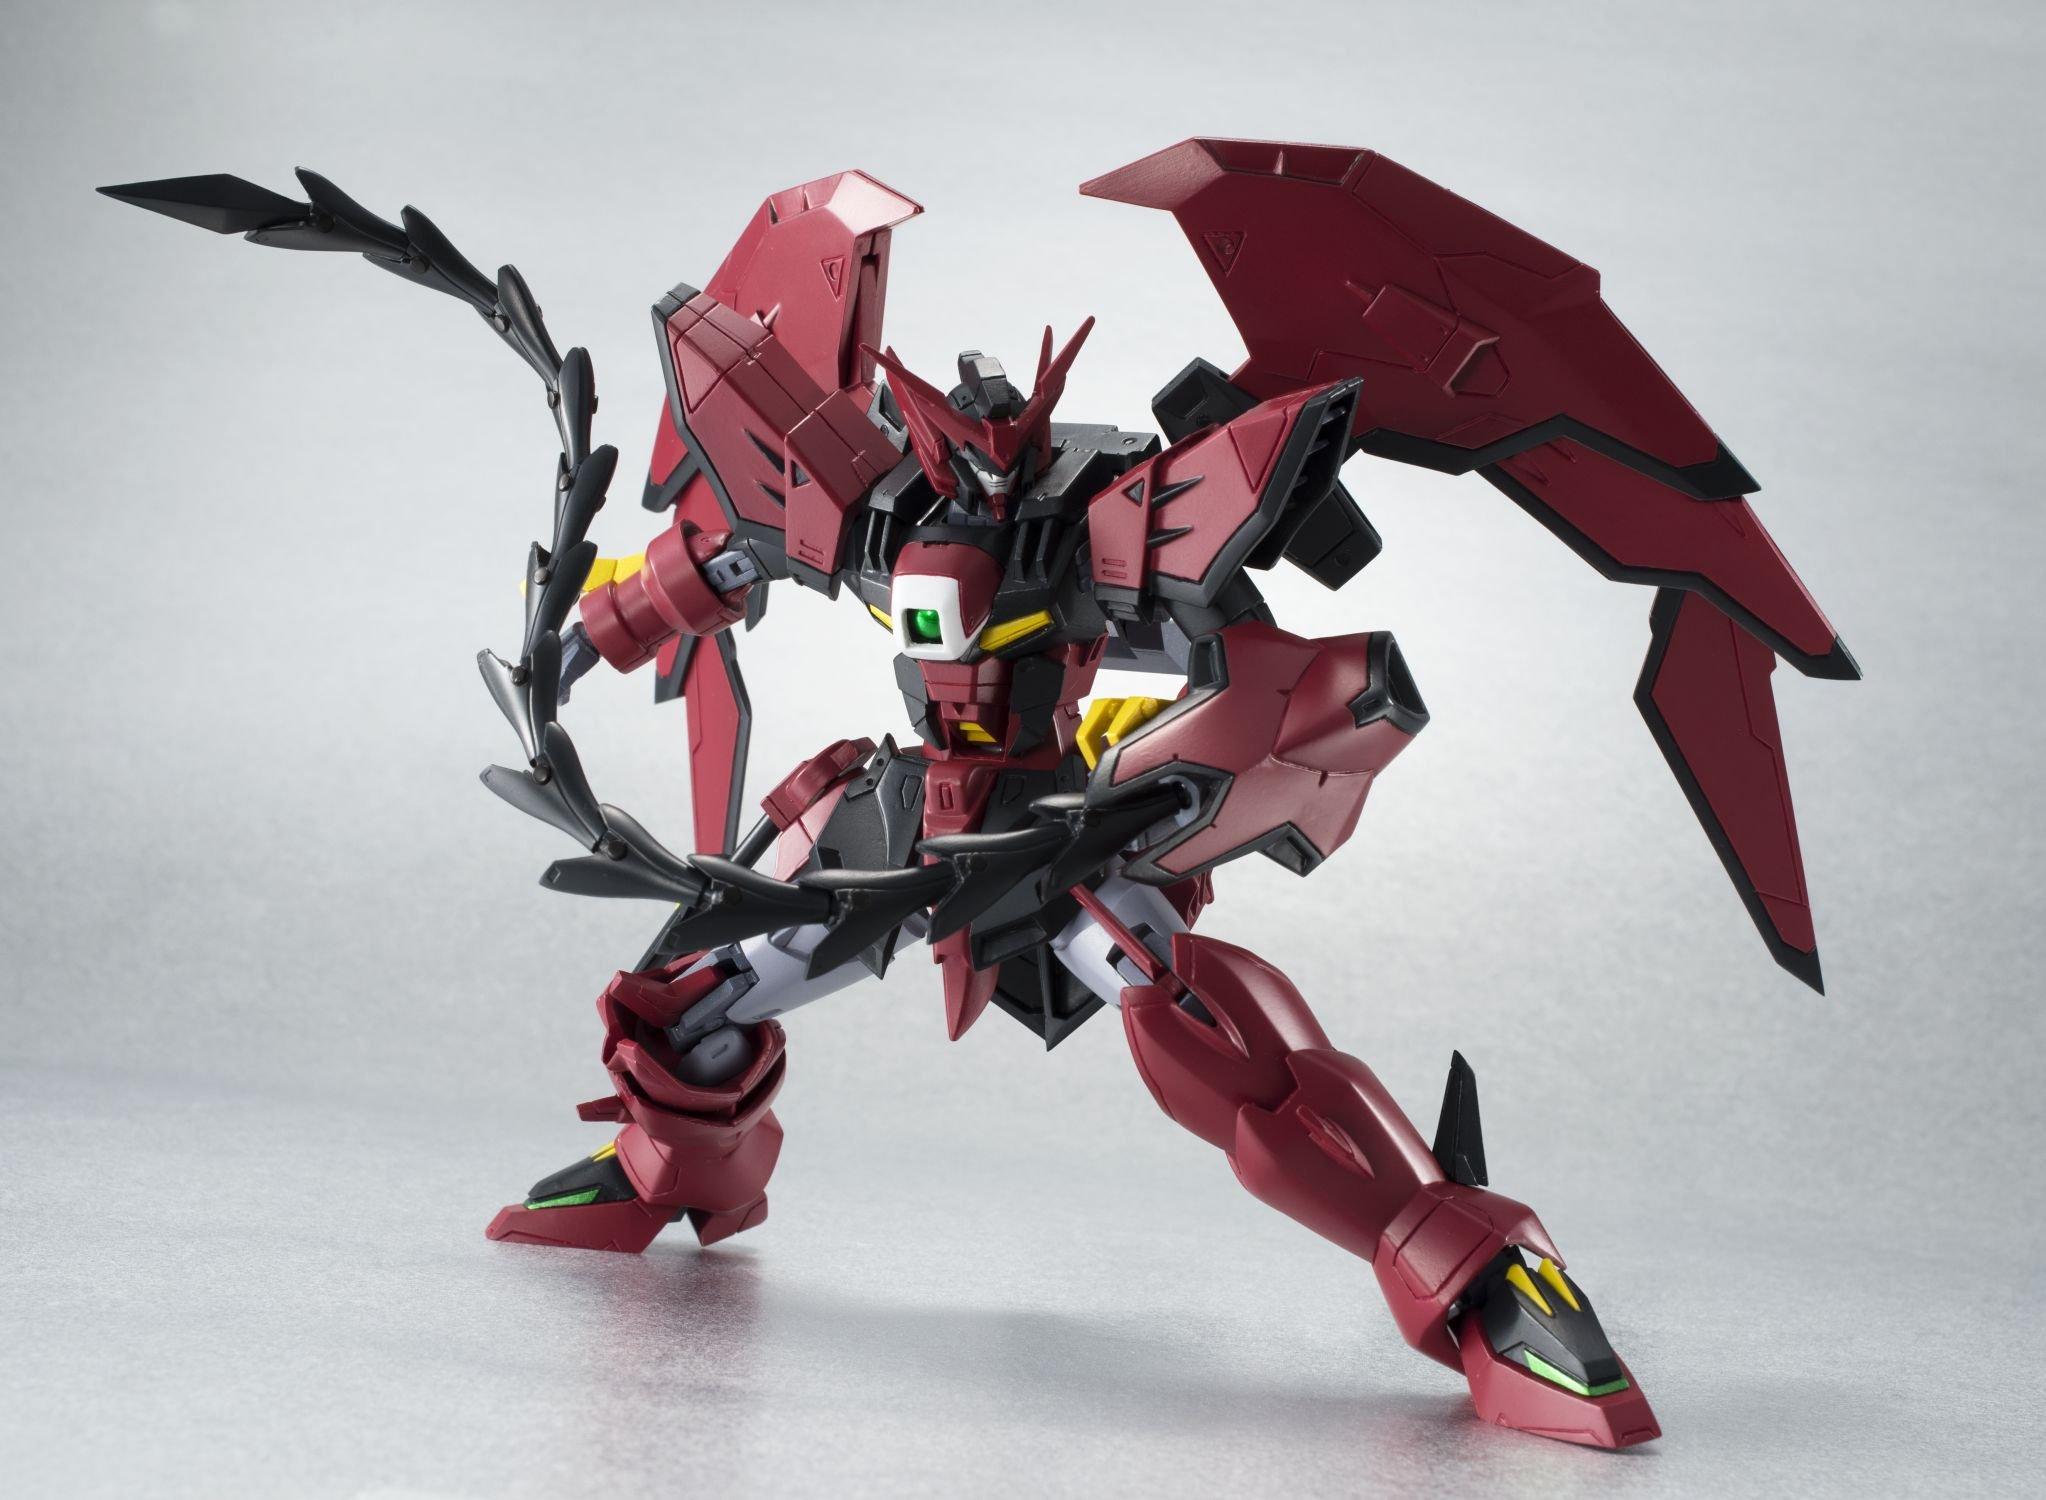 Robot Damashii (Side MS) Gundam Epyon Wallpaper Size Images + Promotional Poster. FULL ...